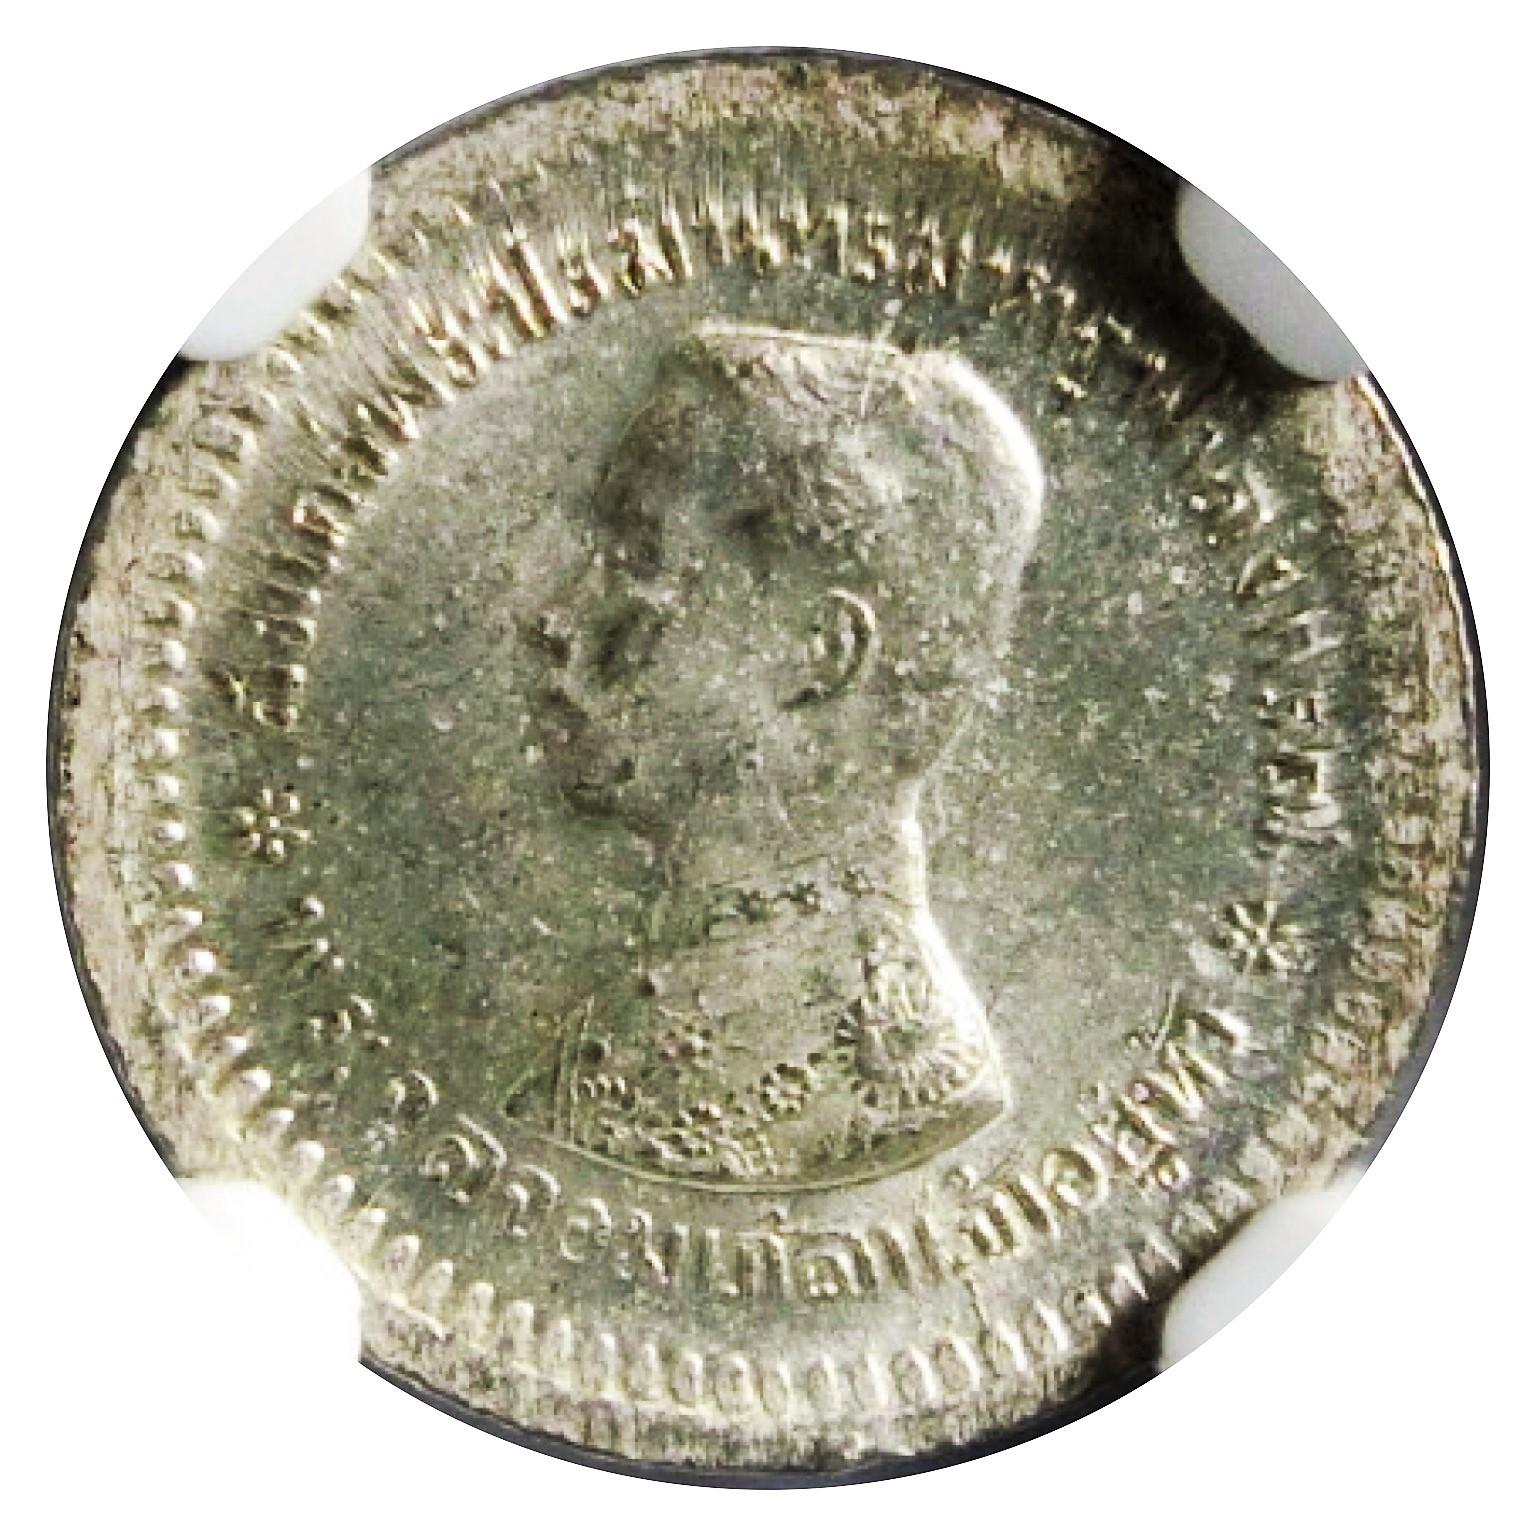 เหรียญเงินเฟื้อง ตราแผ่นดิน รัชกาลที่5 ร.ศ.121 MS63